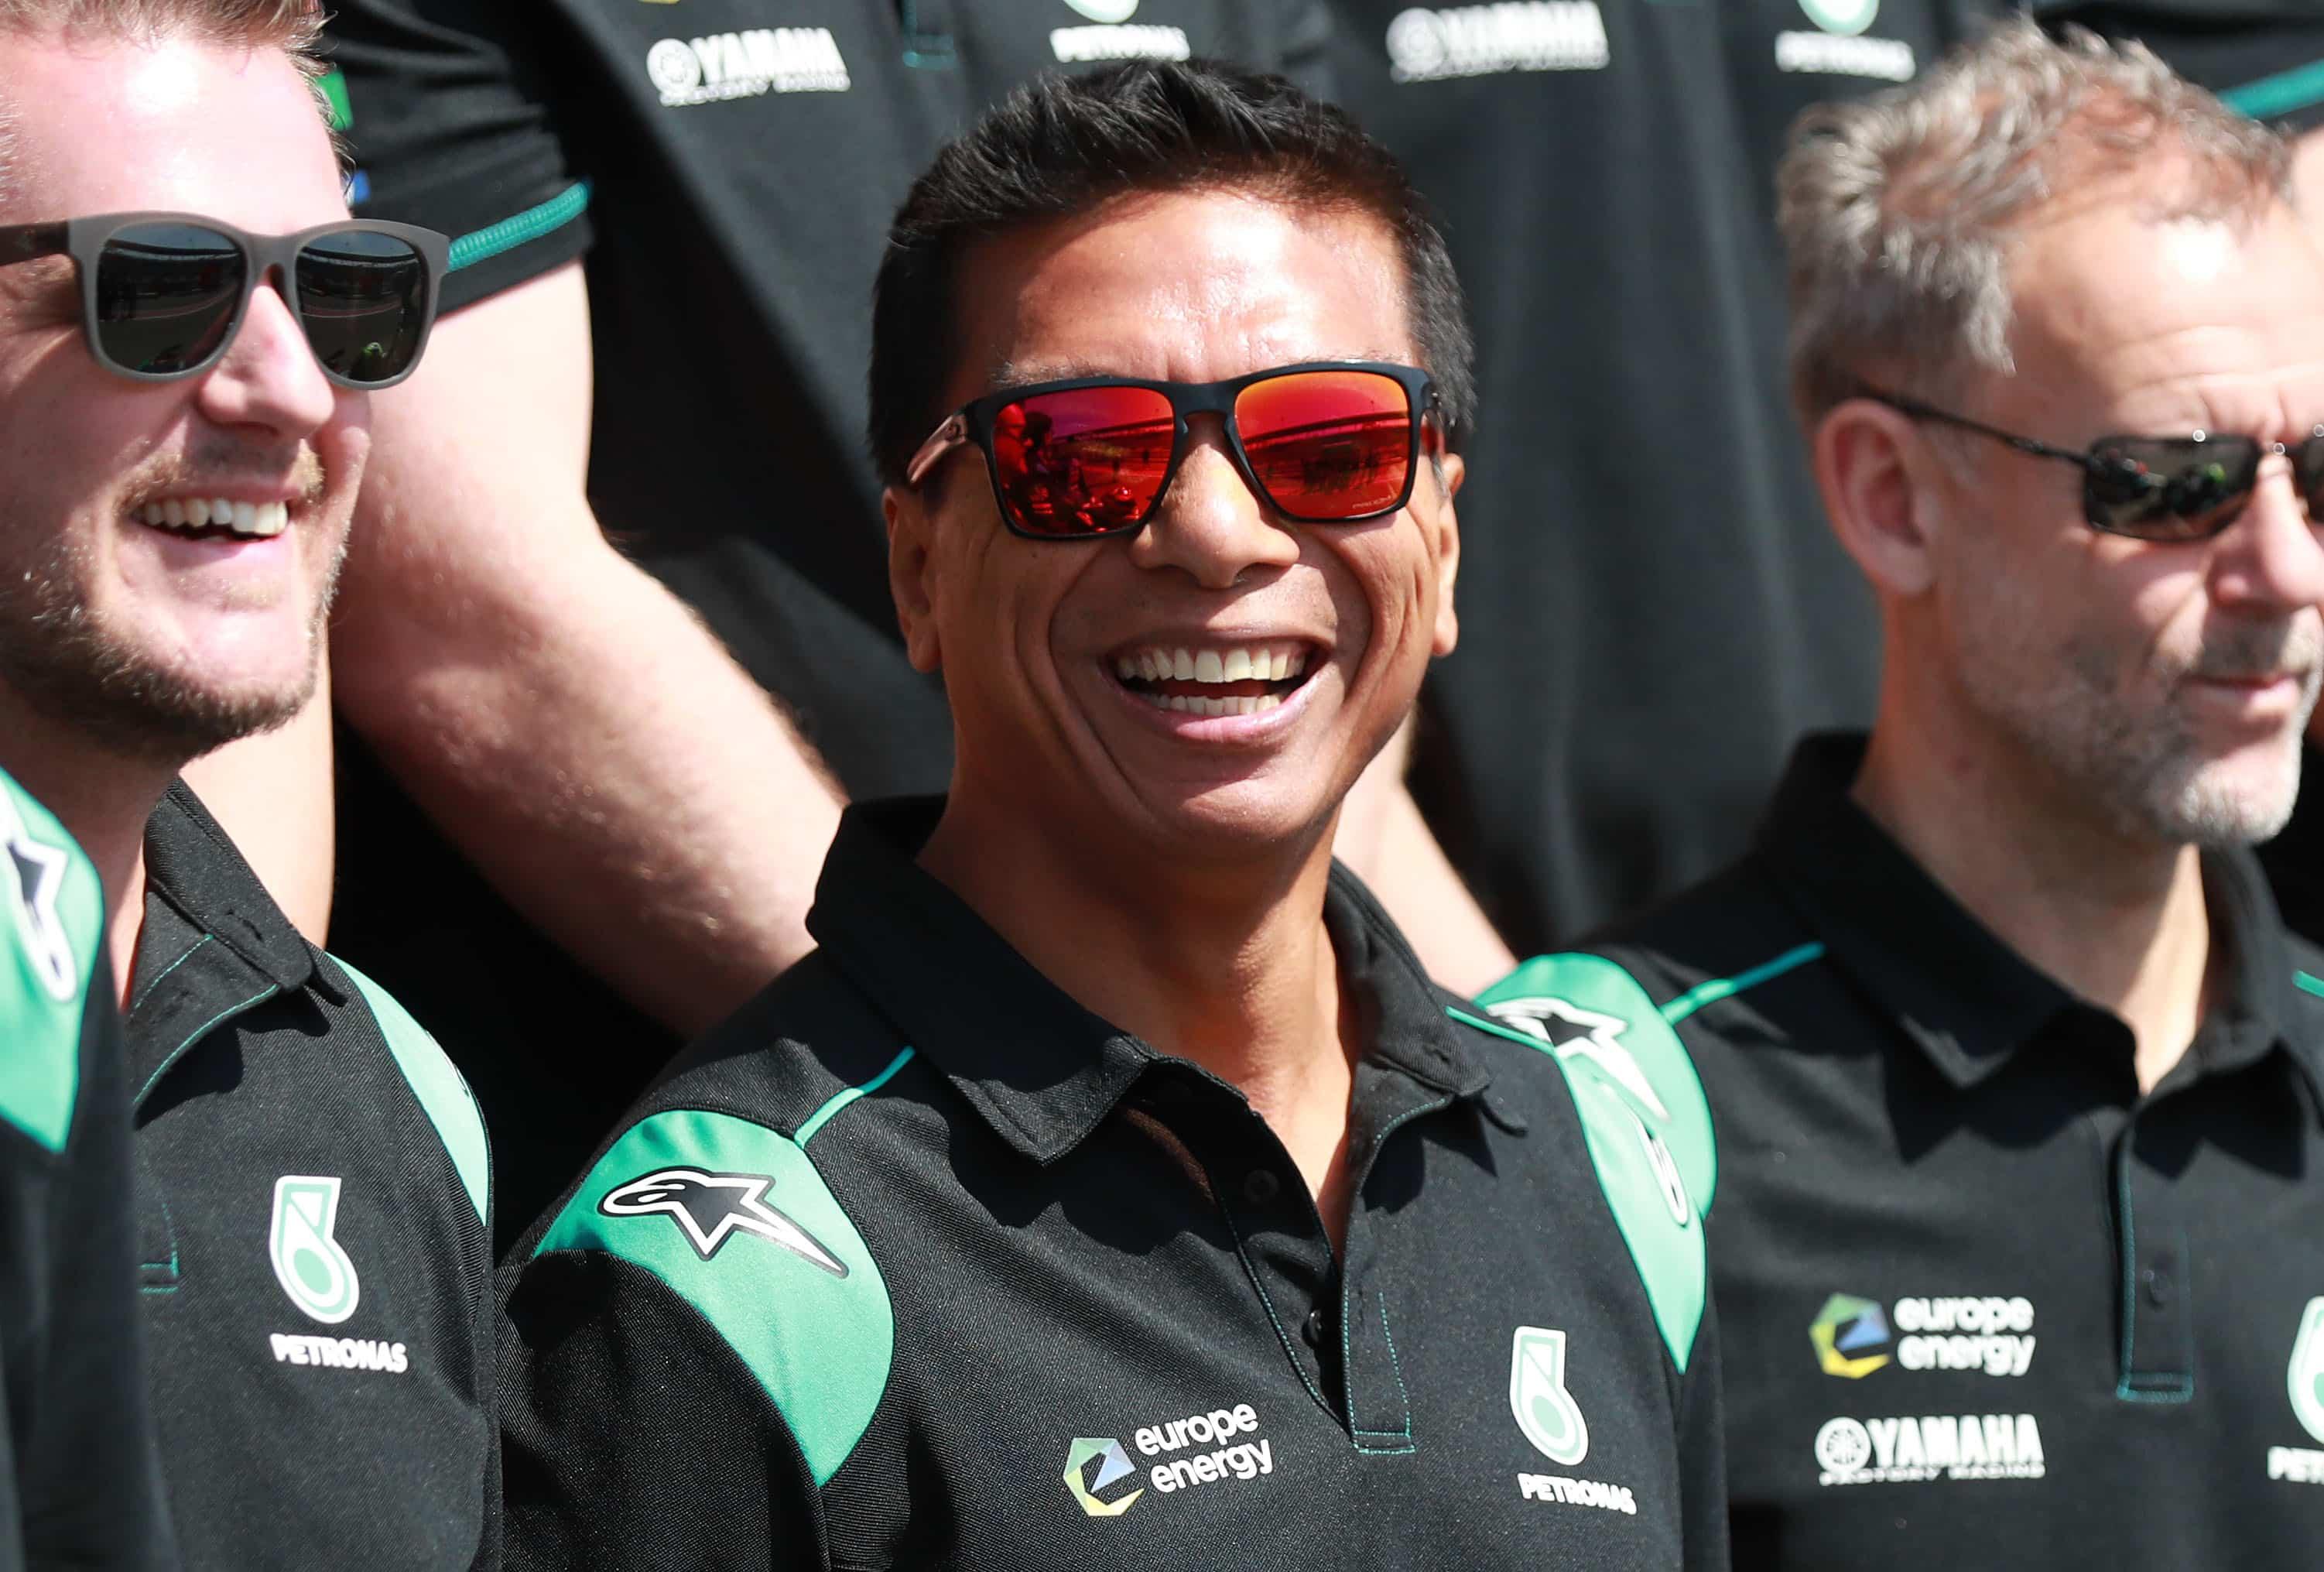 ラズラン・ラザリ セパン・インターナショナル・サーキットCEOの座を退き、セパン・レーシングチームの運営に専念